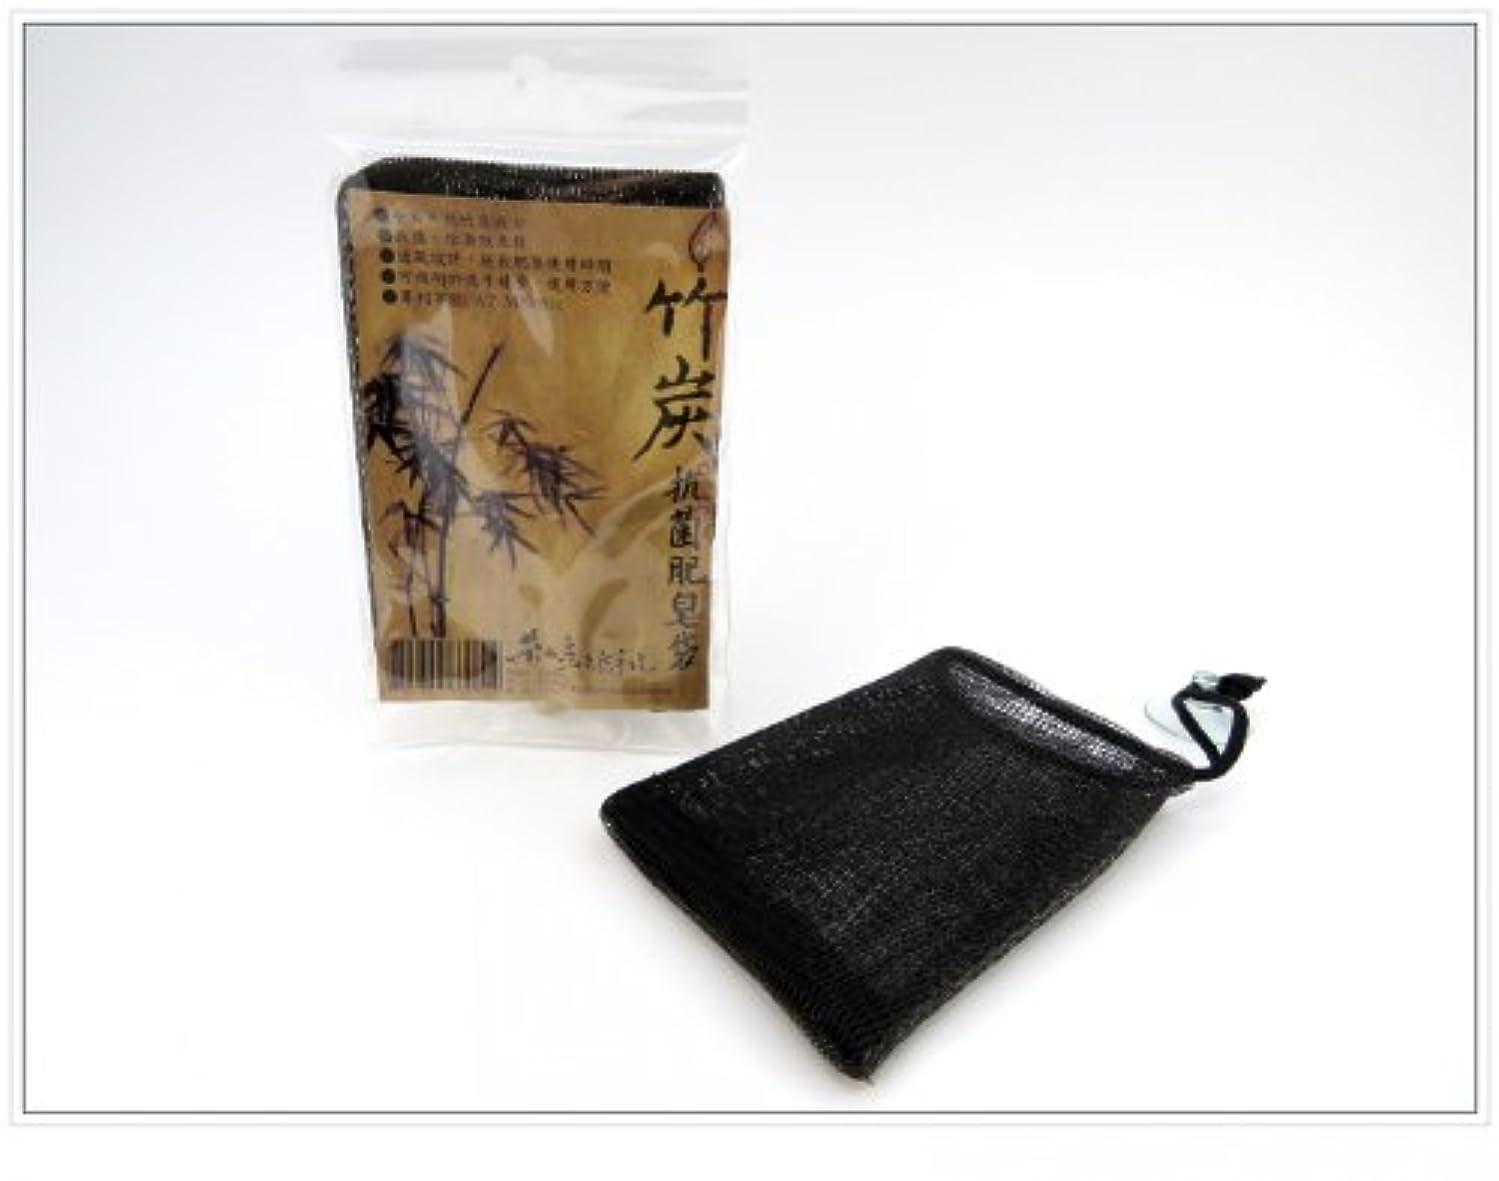 格差率直な応じる茶山房 天然 竹炭 成分入り 石鹸ネット